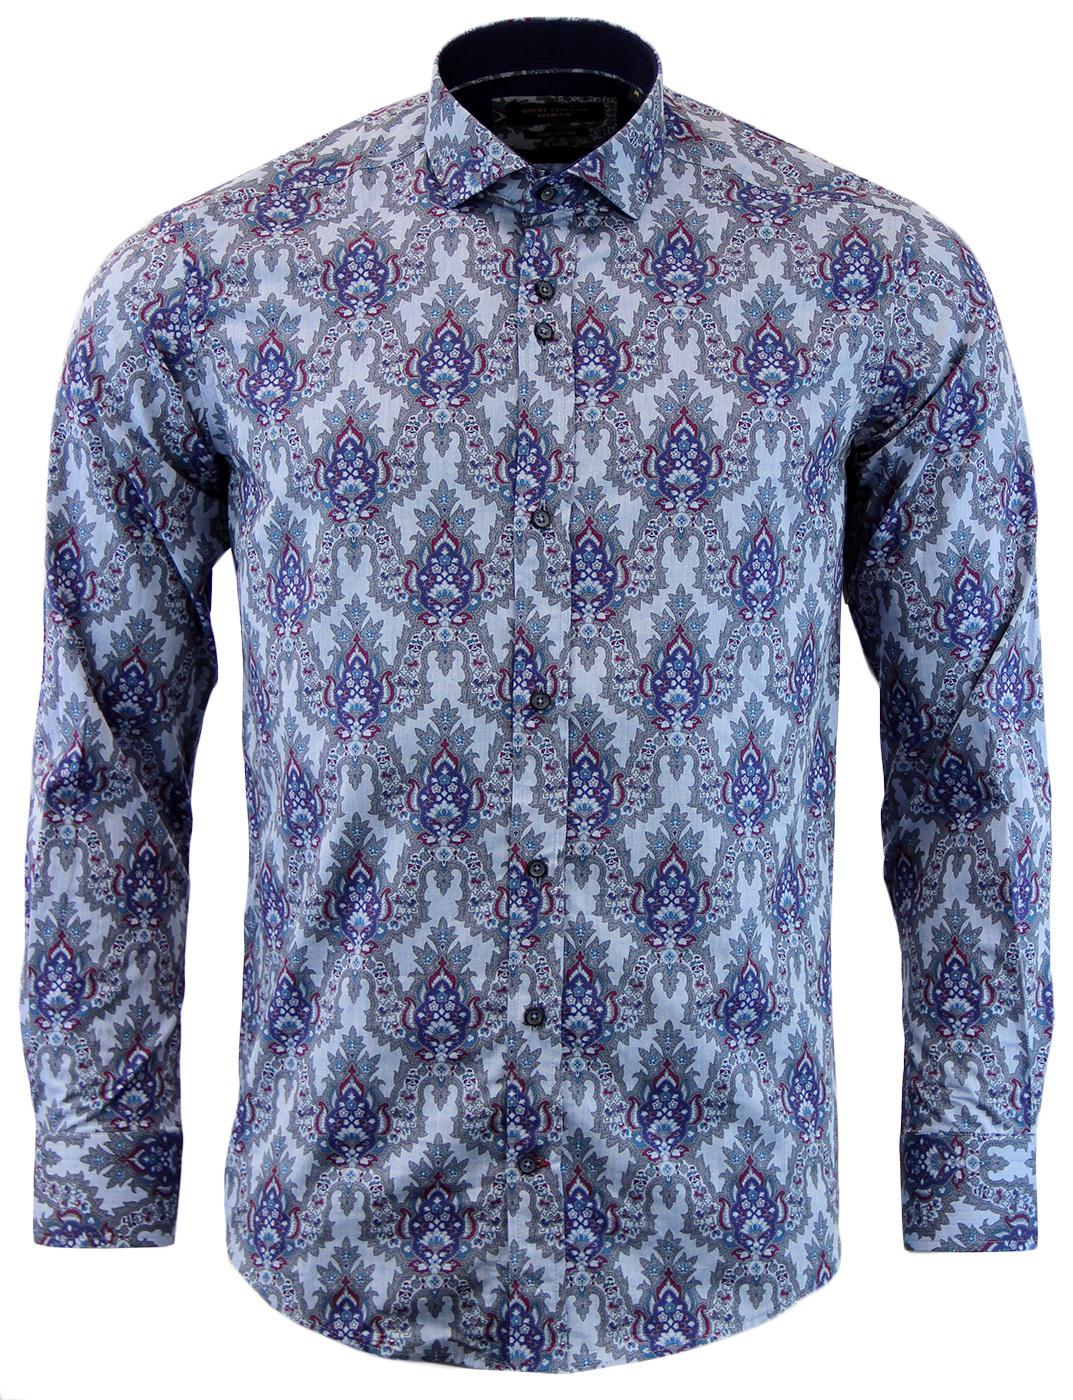 GUIDE LONDON Retro 1960s Mod Floral Paisley Shirt